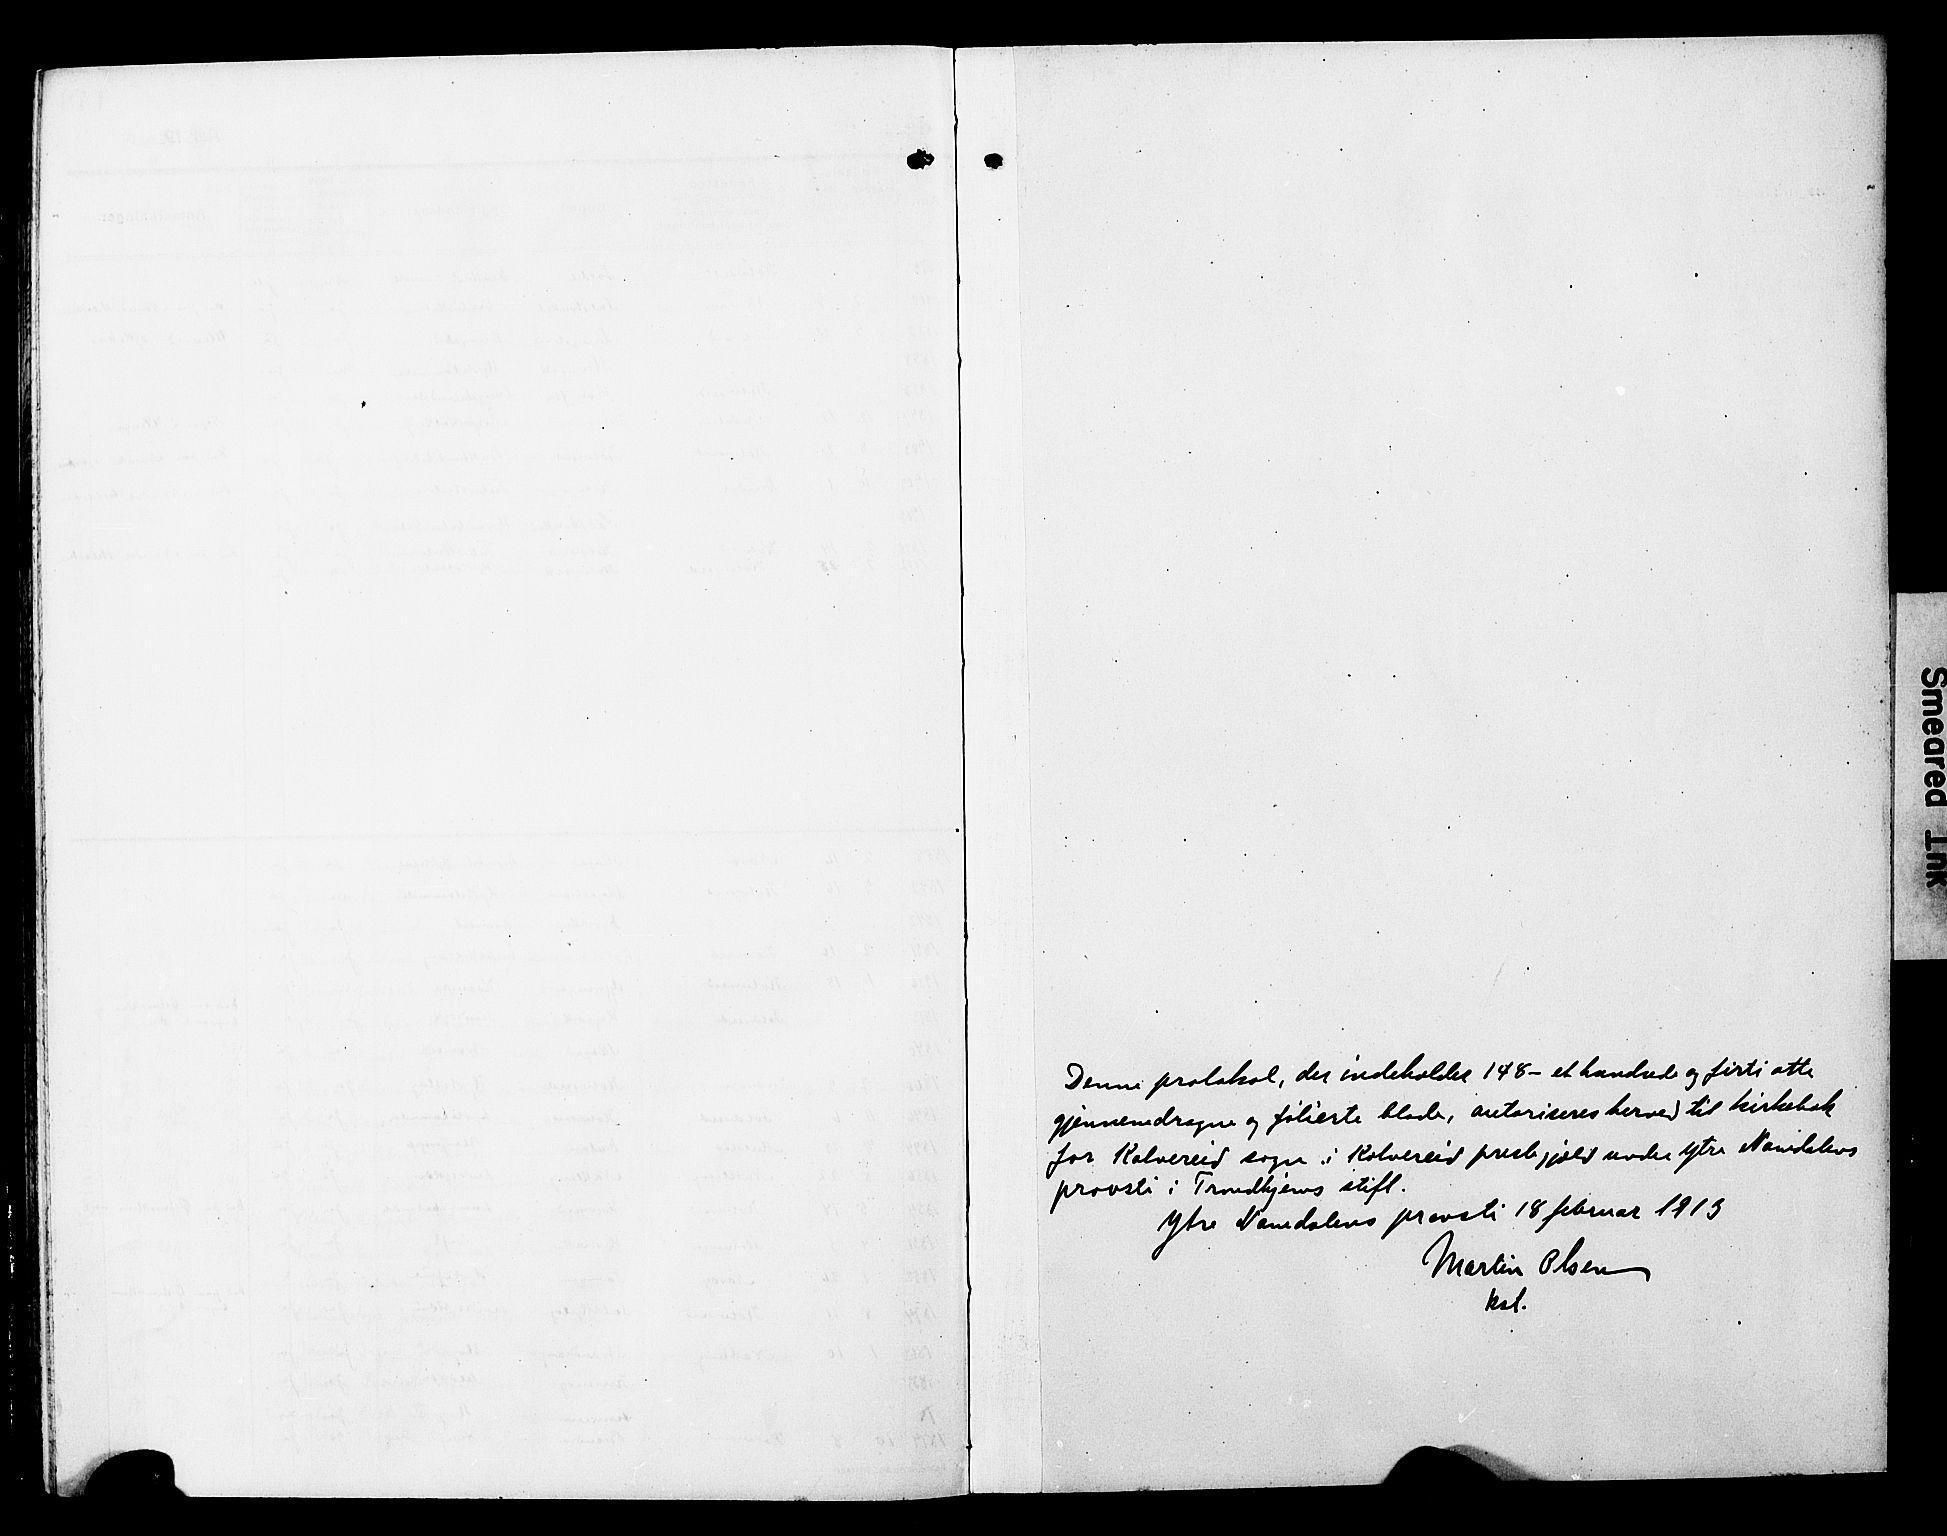 SAT, Ministerialprotokoller, klokkerbøker og fødselsregistre - Nord-Trøndelag, 780/L0653: Klokkerbok nr. 780C05, 1911-1927